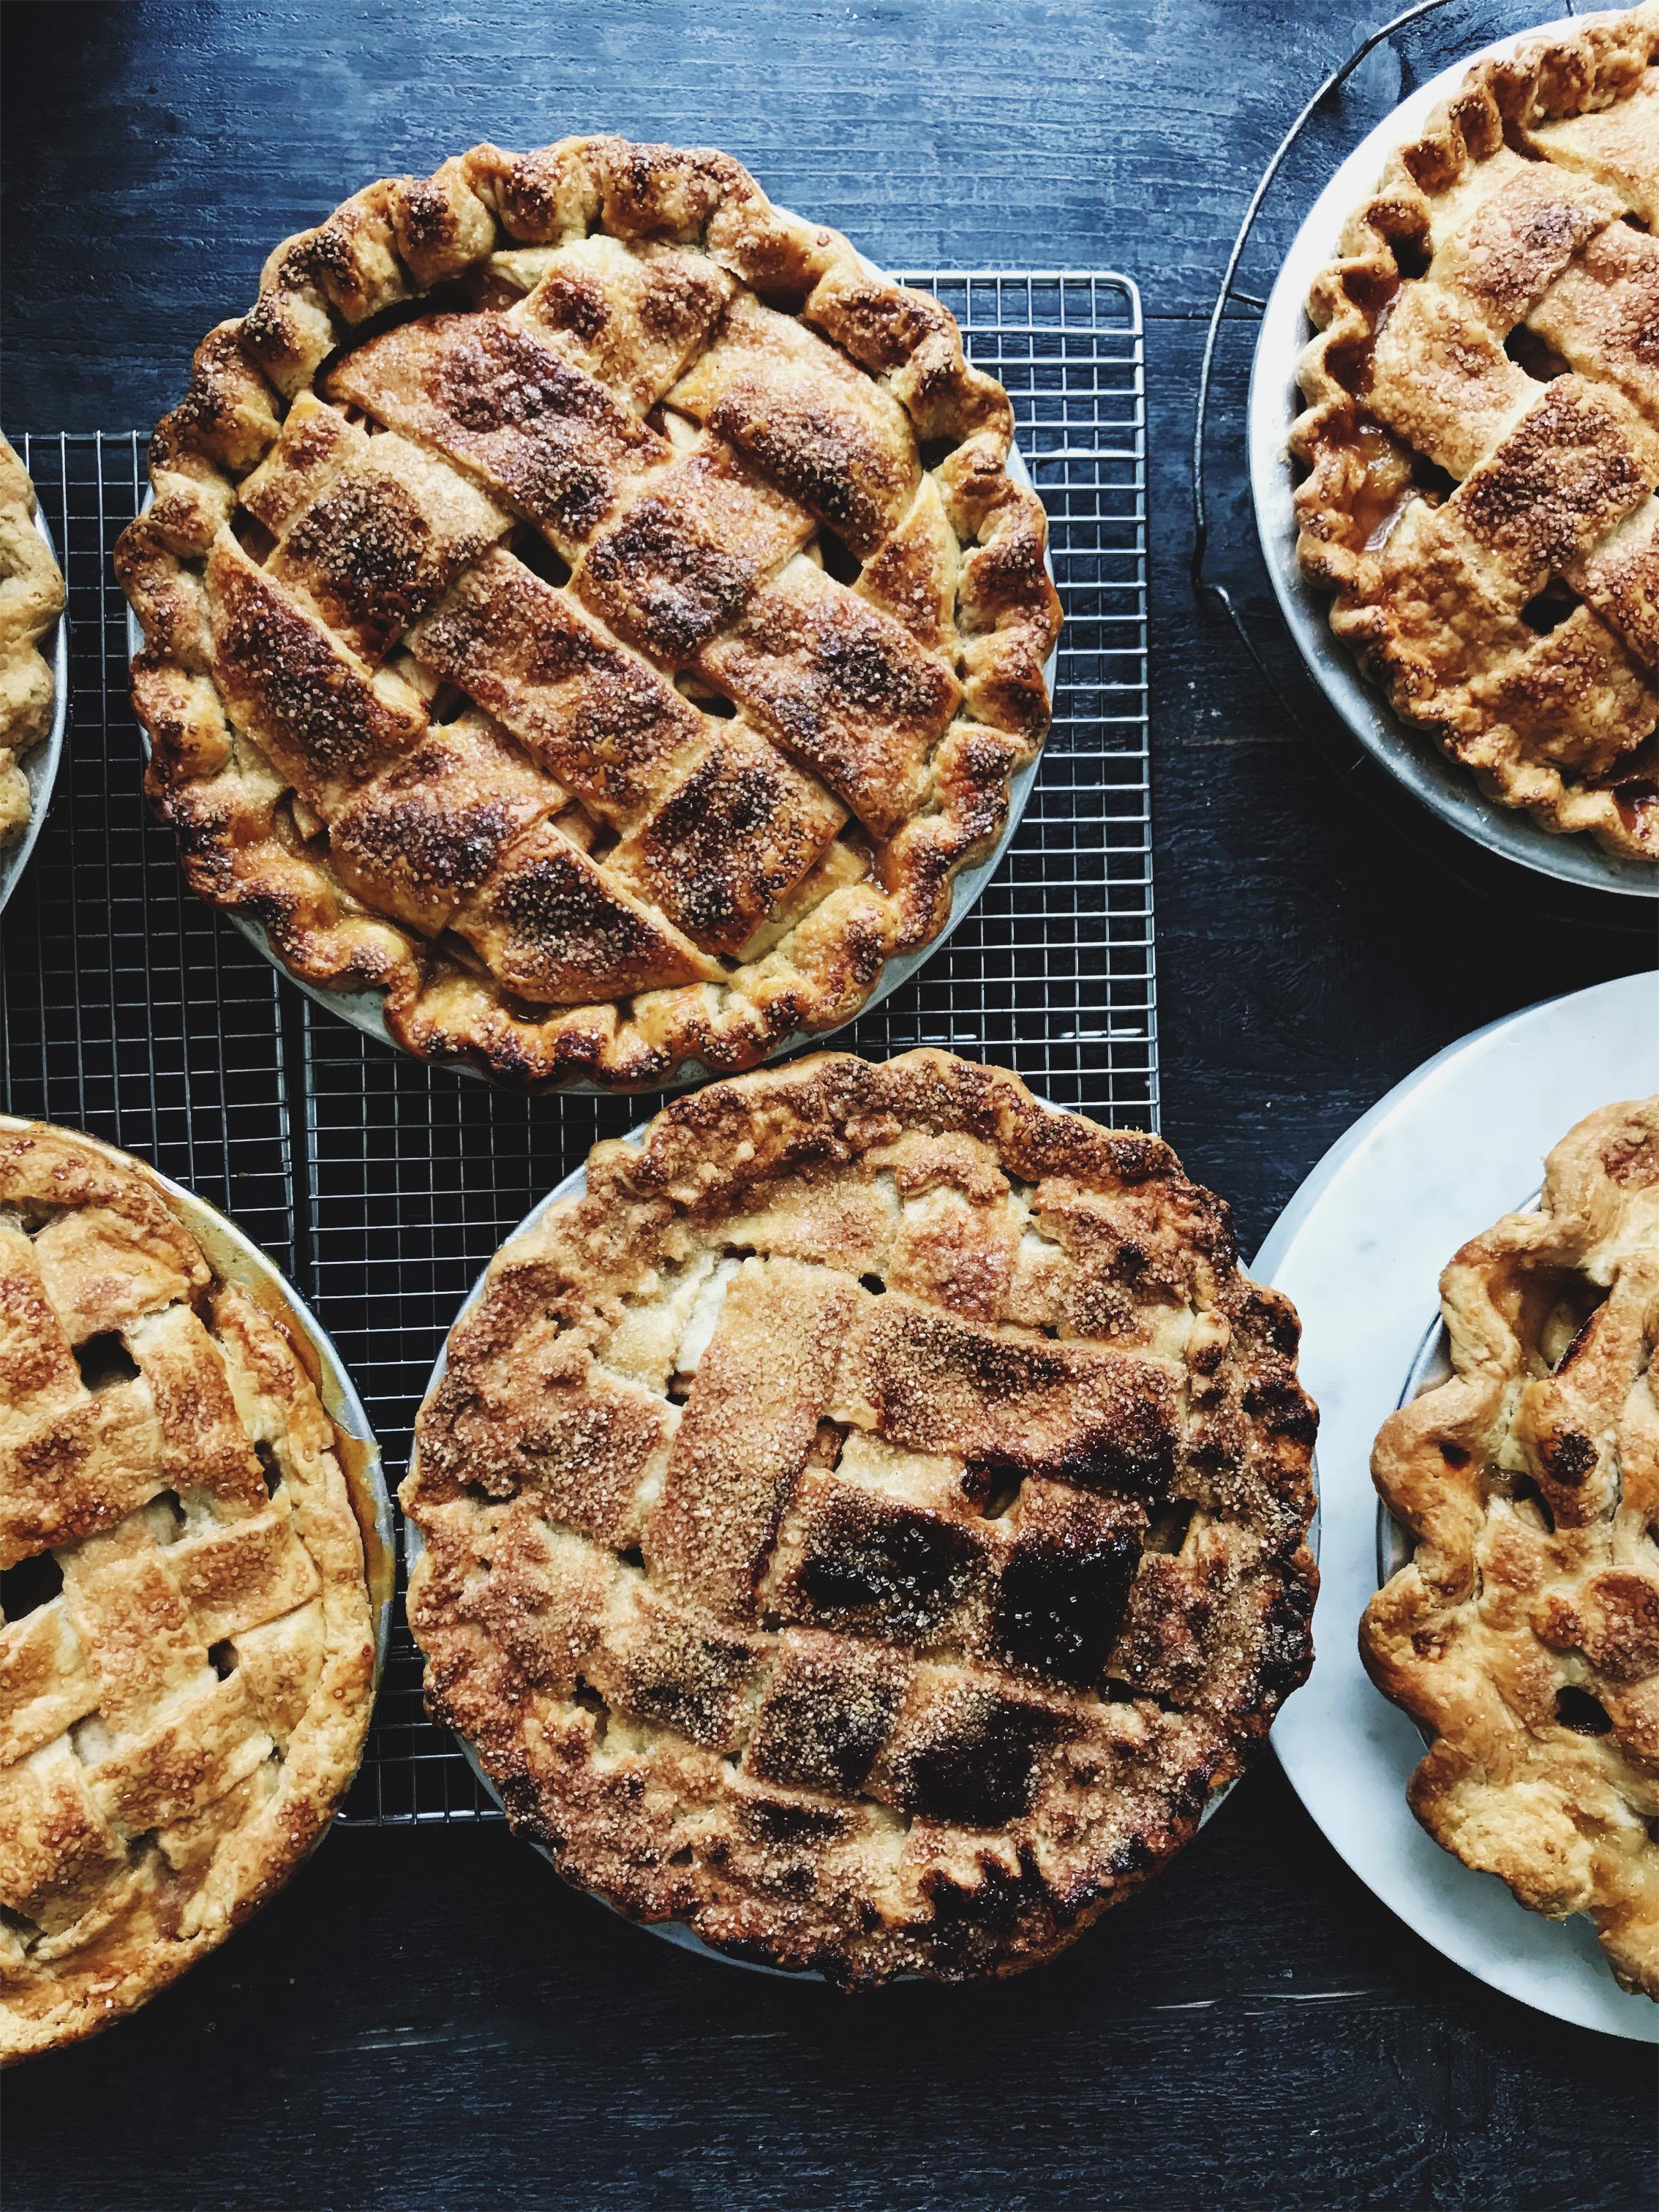 pie workshop | apt 2b baking co